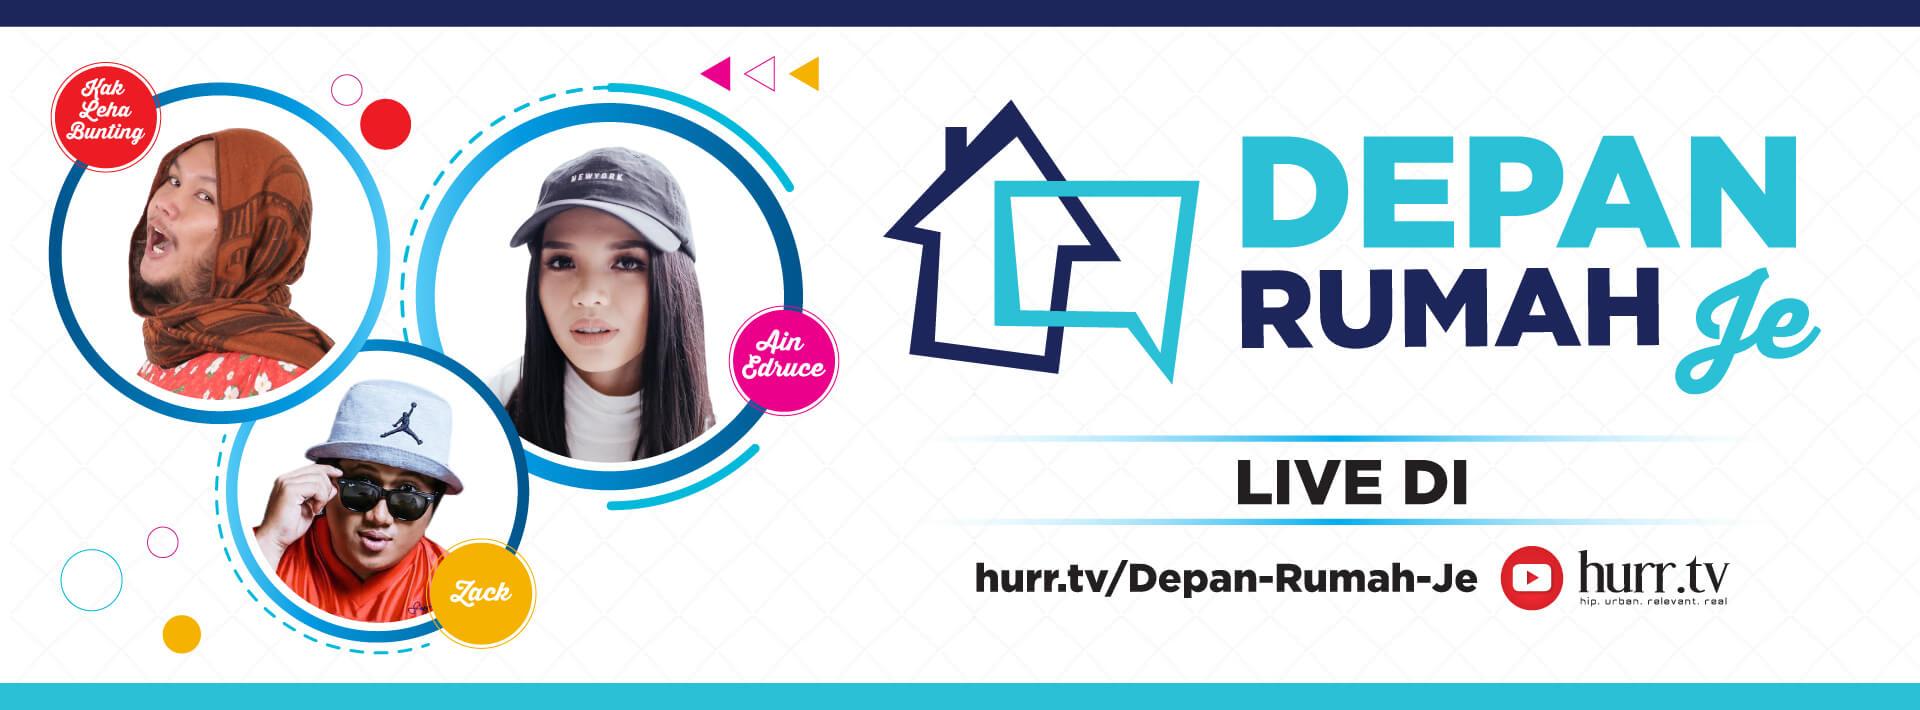 Website-Banner-drj